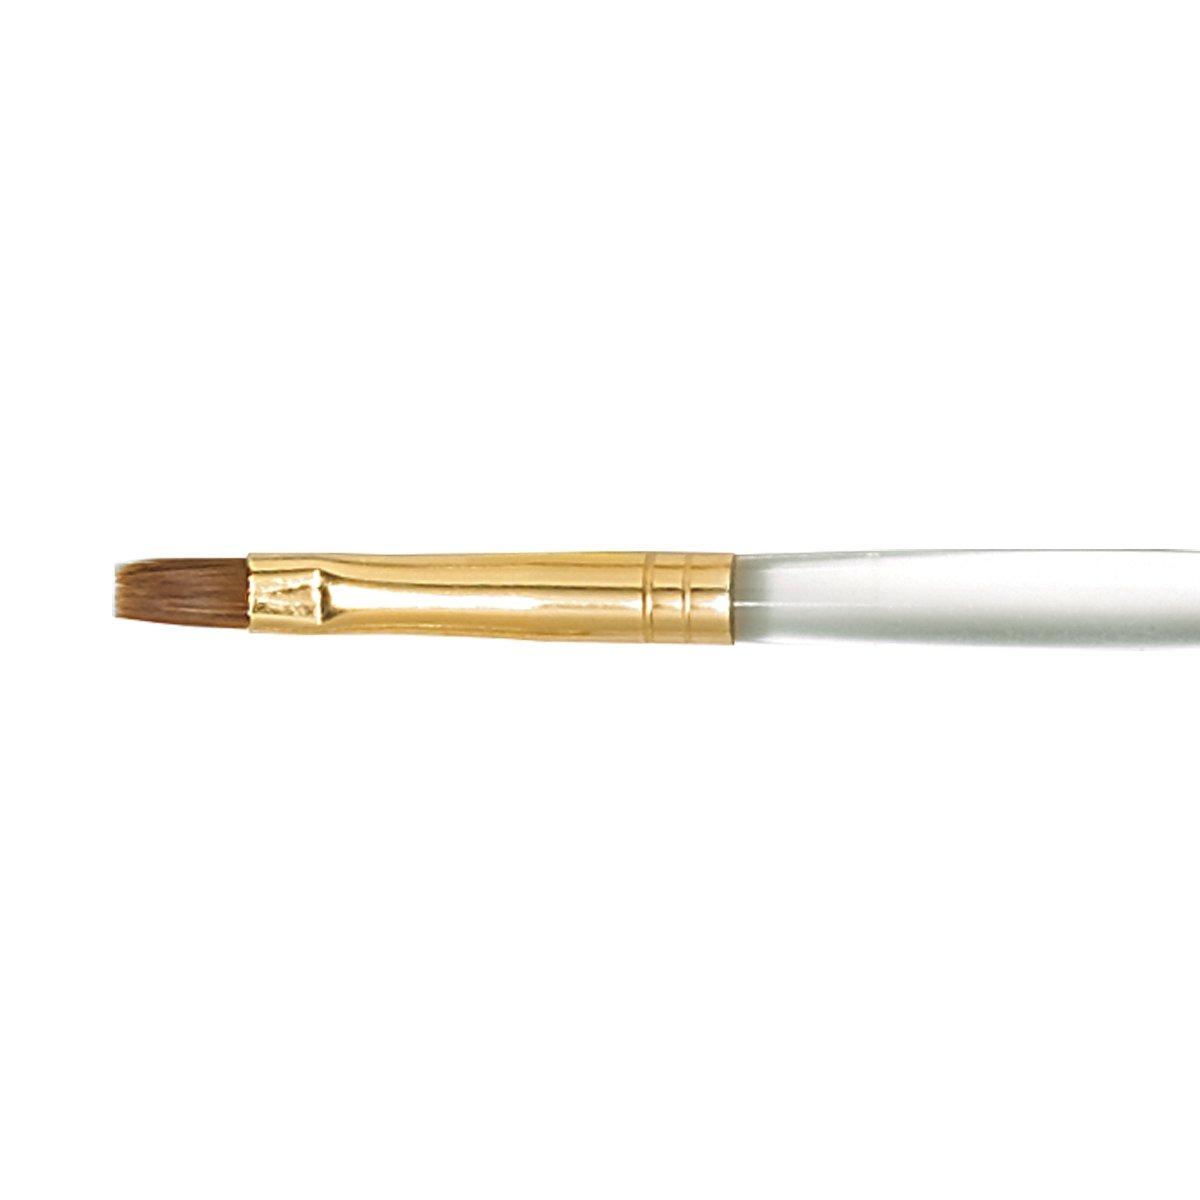 Duncan Signature Paint Brush SB804 No.4 Shader